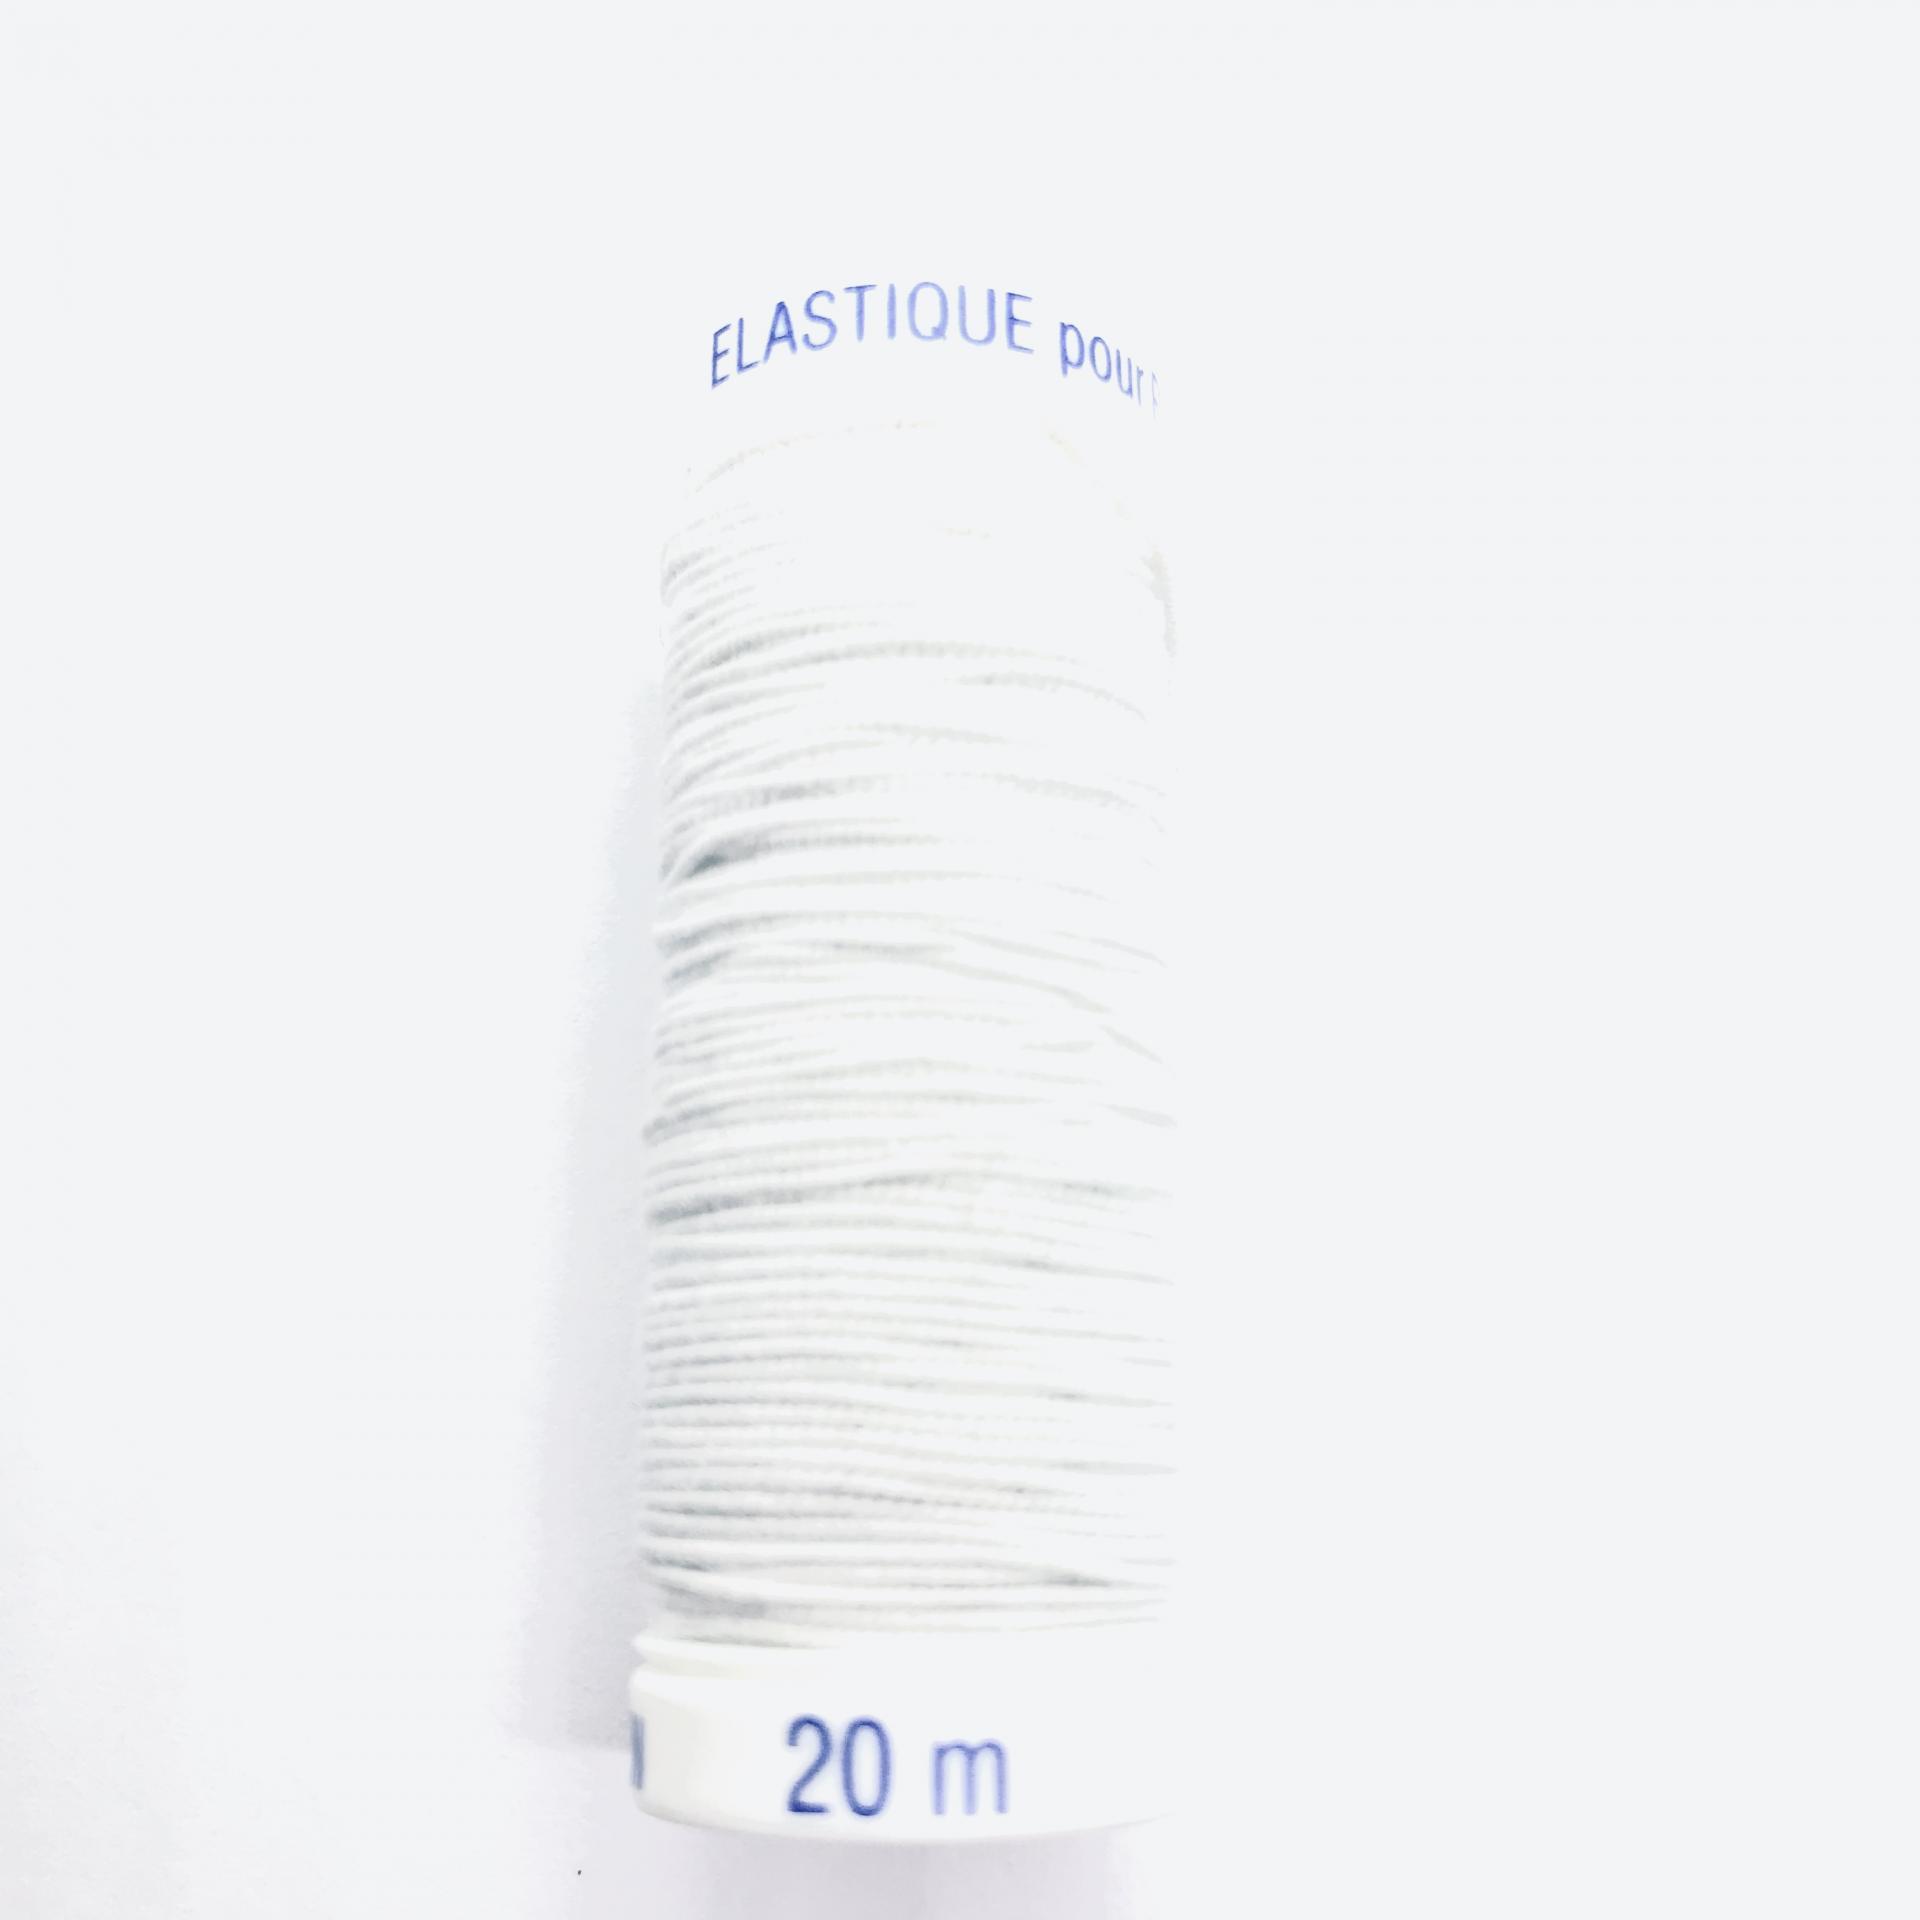 Fil elastique pour fronces 1cm de diametre 20m blanc